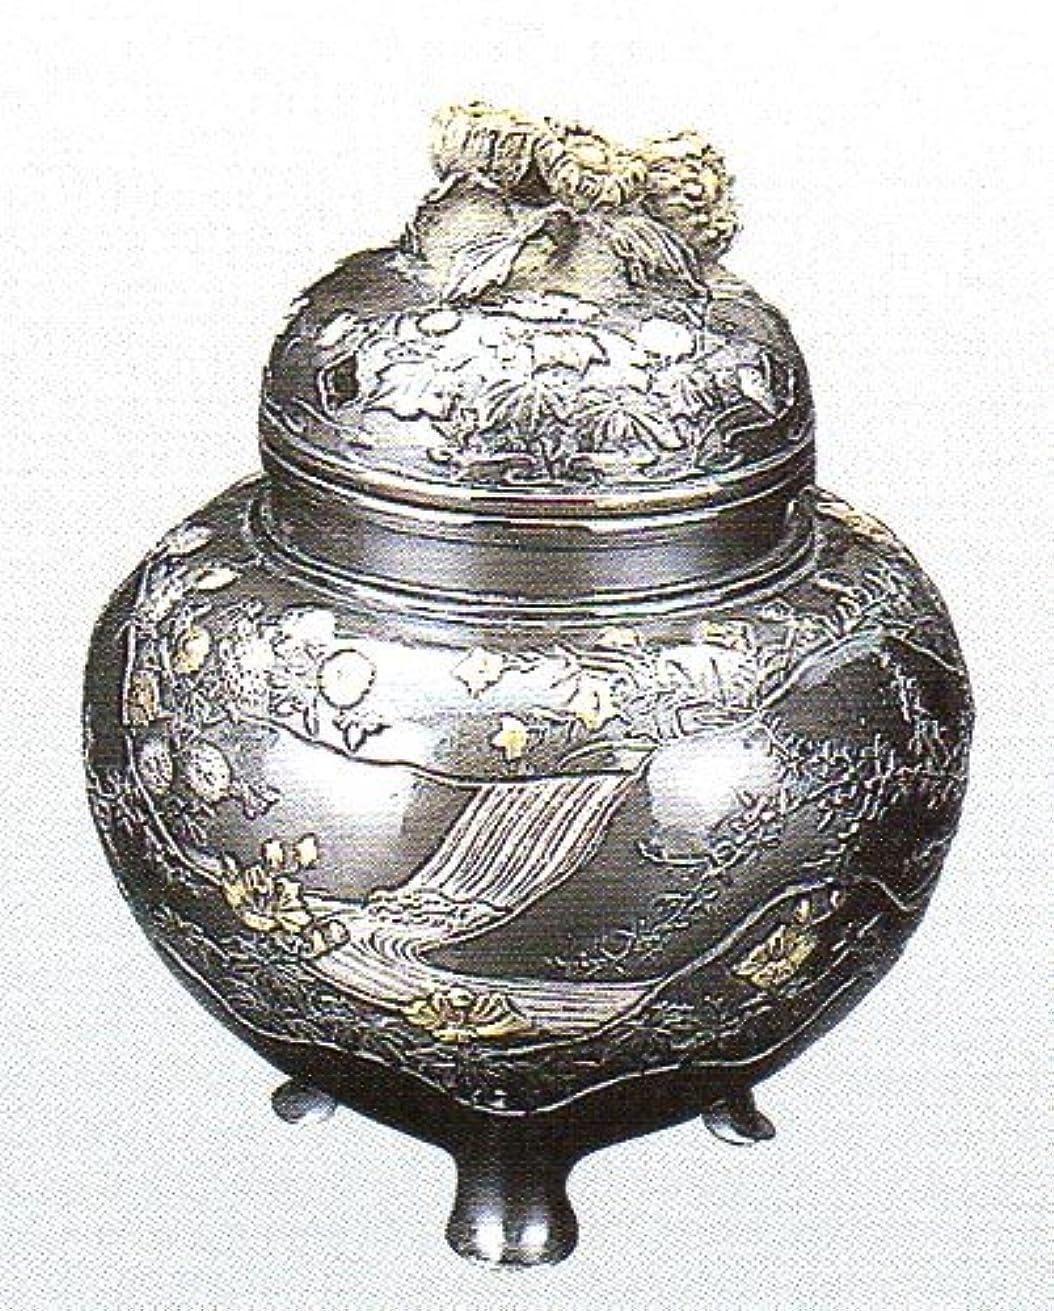 失敗軽量オーロック香炉 四季 蝋型青銅製 桐箱入 高さ10.2×幅9.2×奥行9.2cm